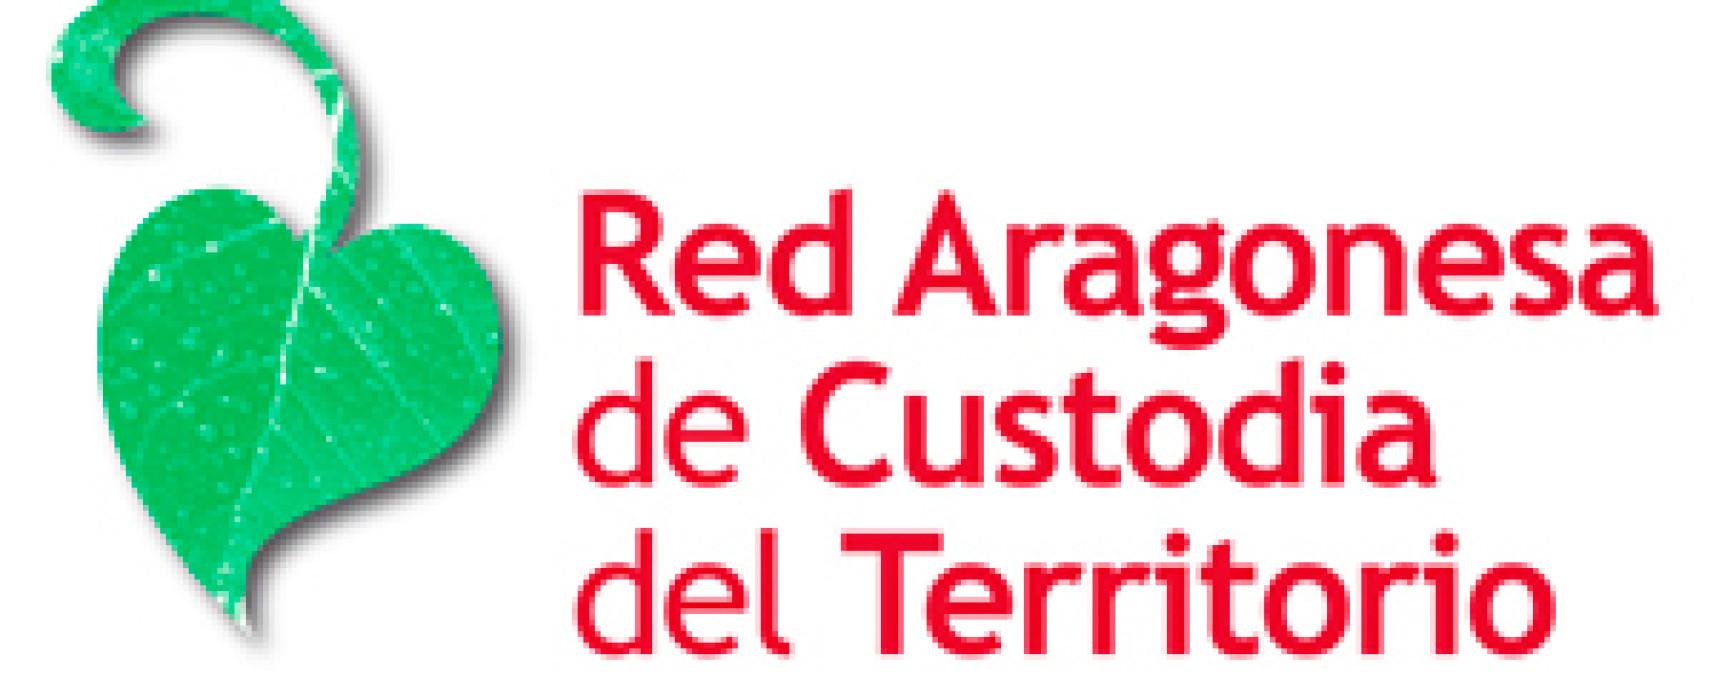 Foros provinciales de custodia del territorio en Aragón.